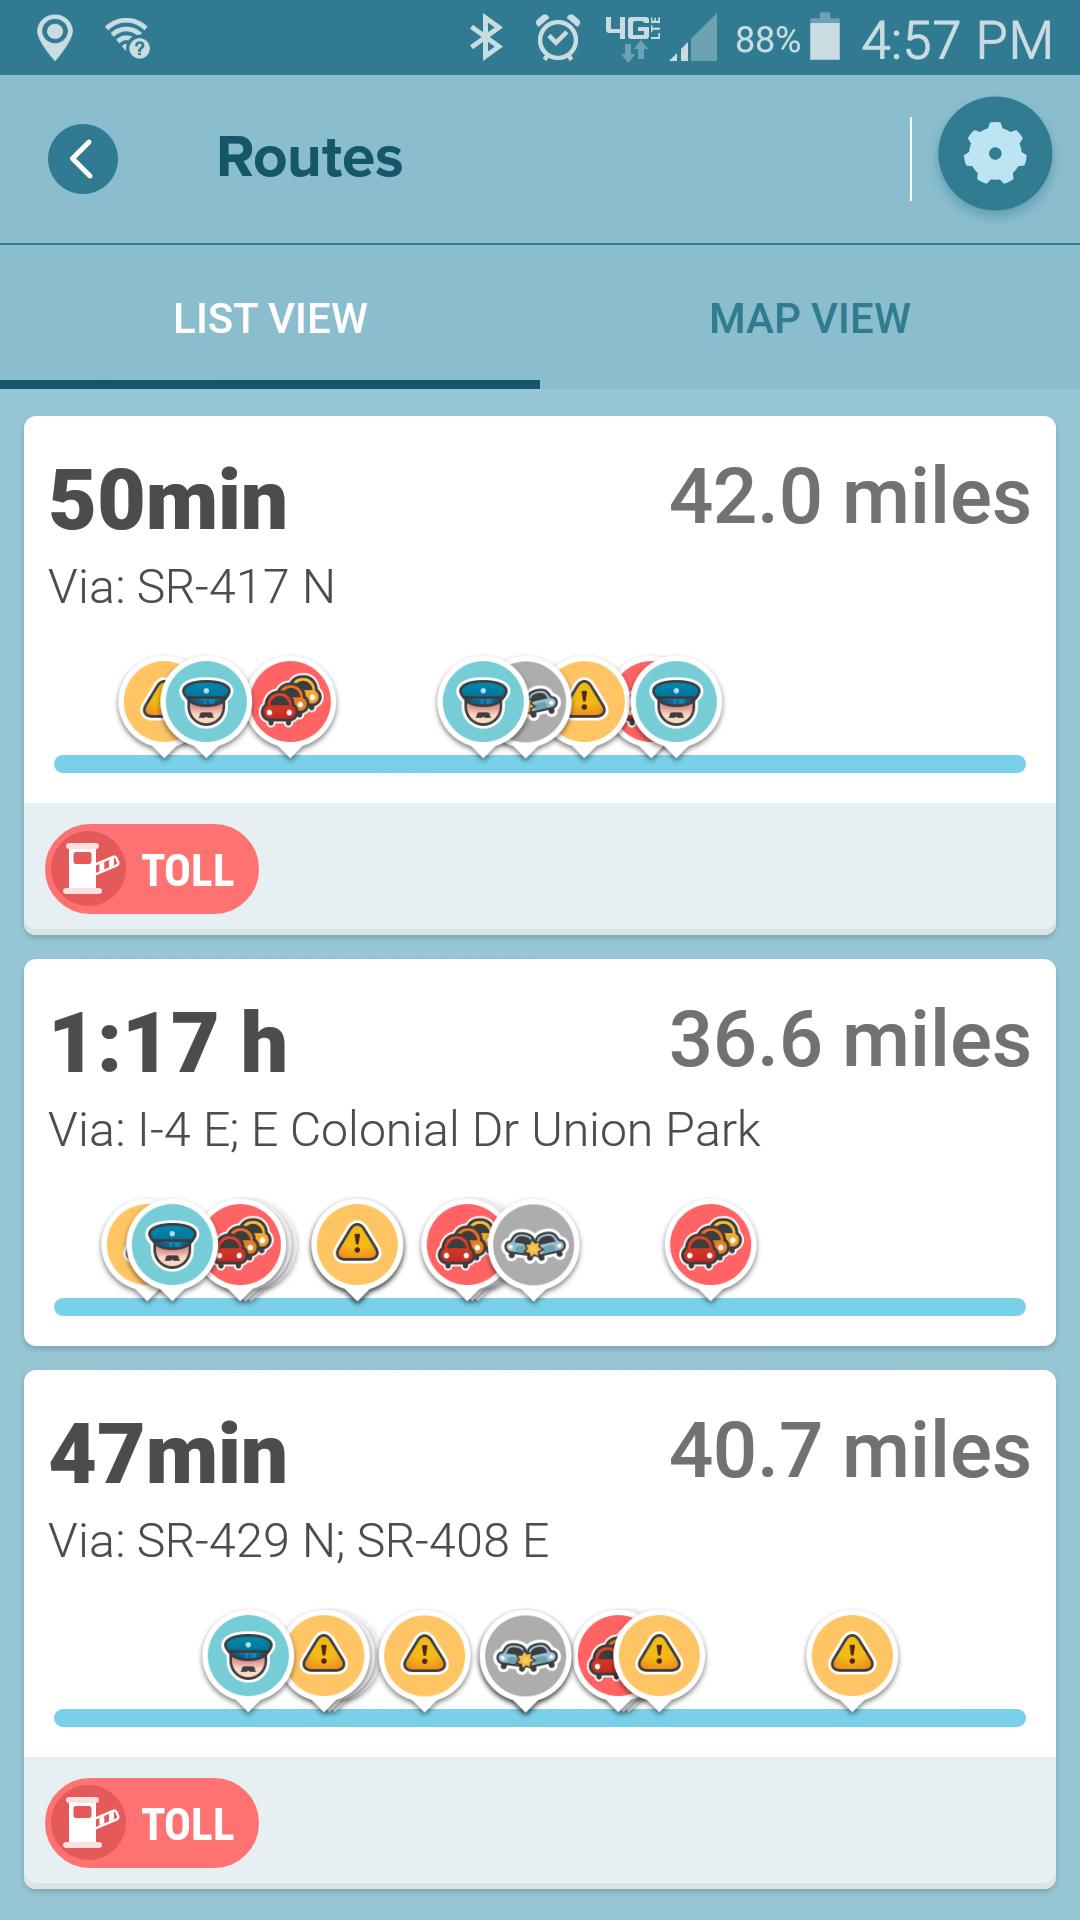 Waze problem: Longer route than normal